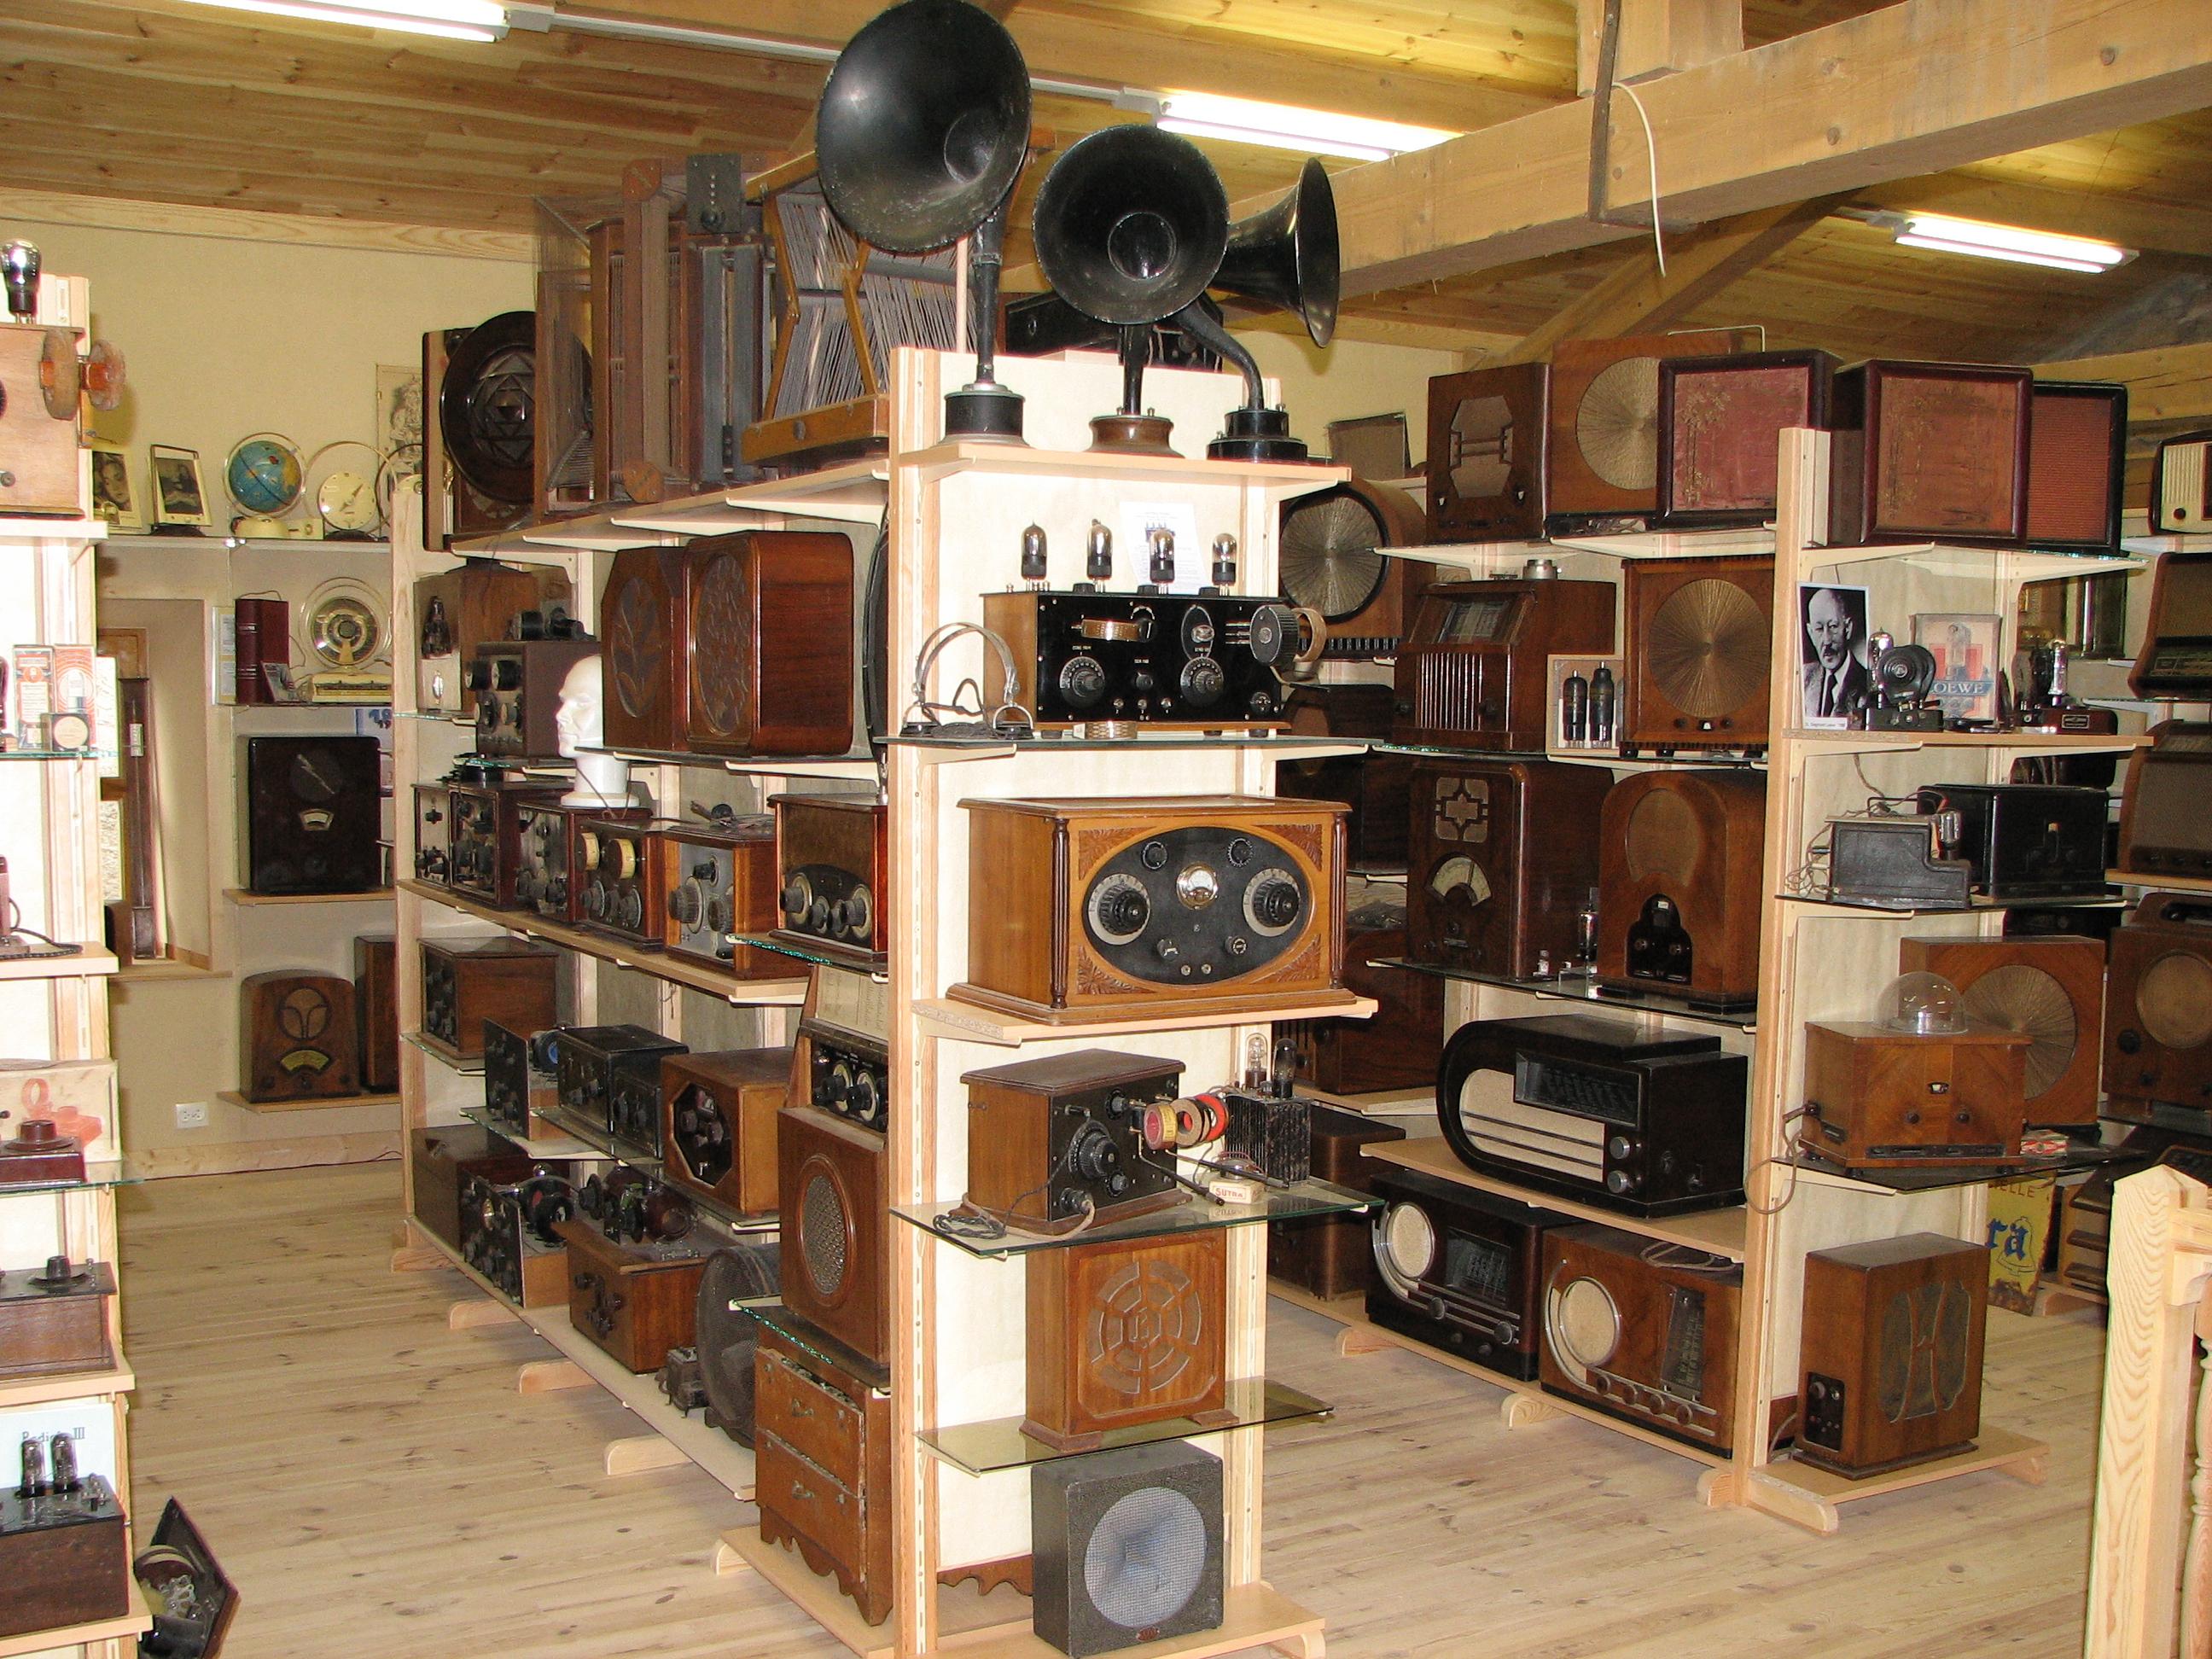 Musée de la Radio et des jeux électroniques, Saint-Victor-sur-Arlanc, Pays du Velay, Haute-Loire, Auvergne